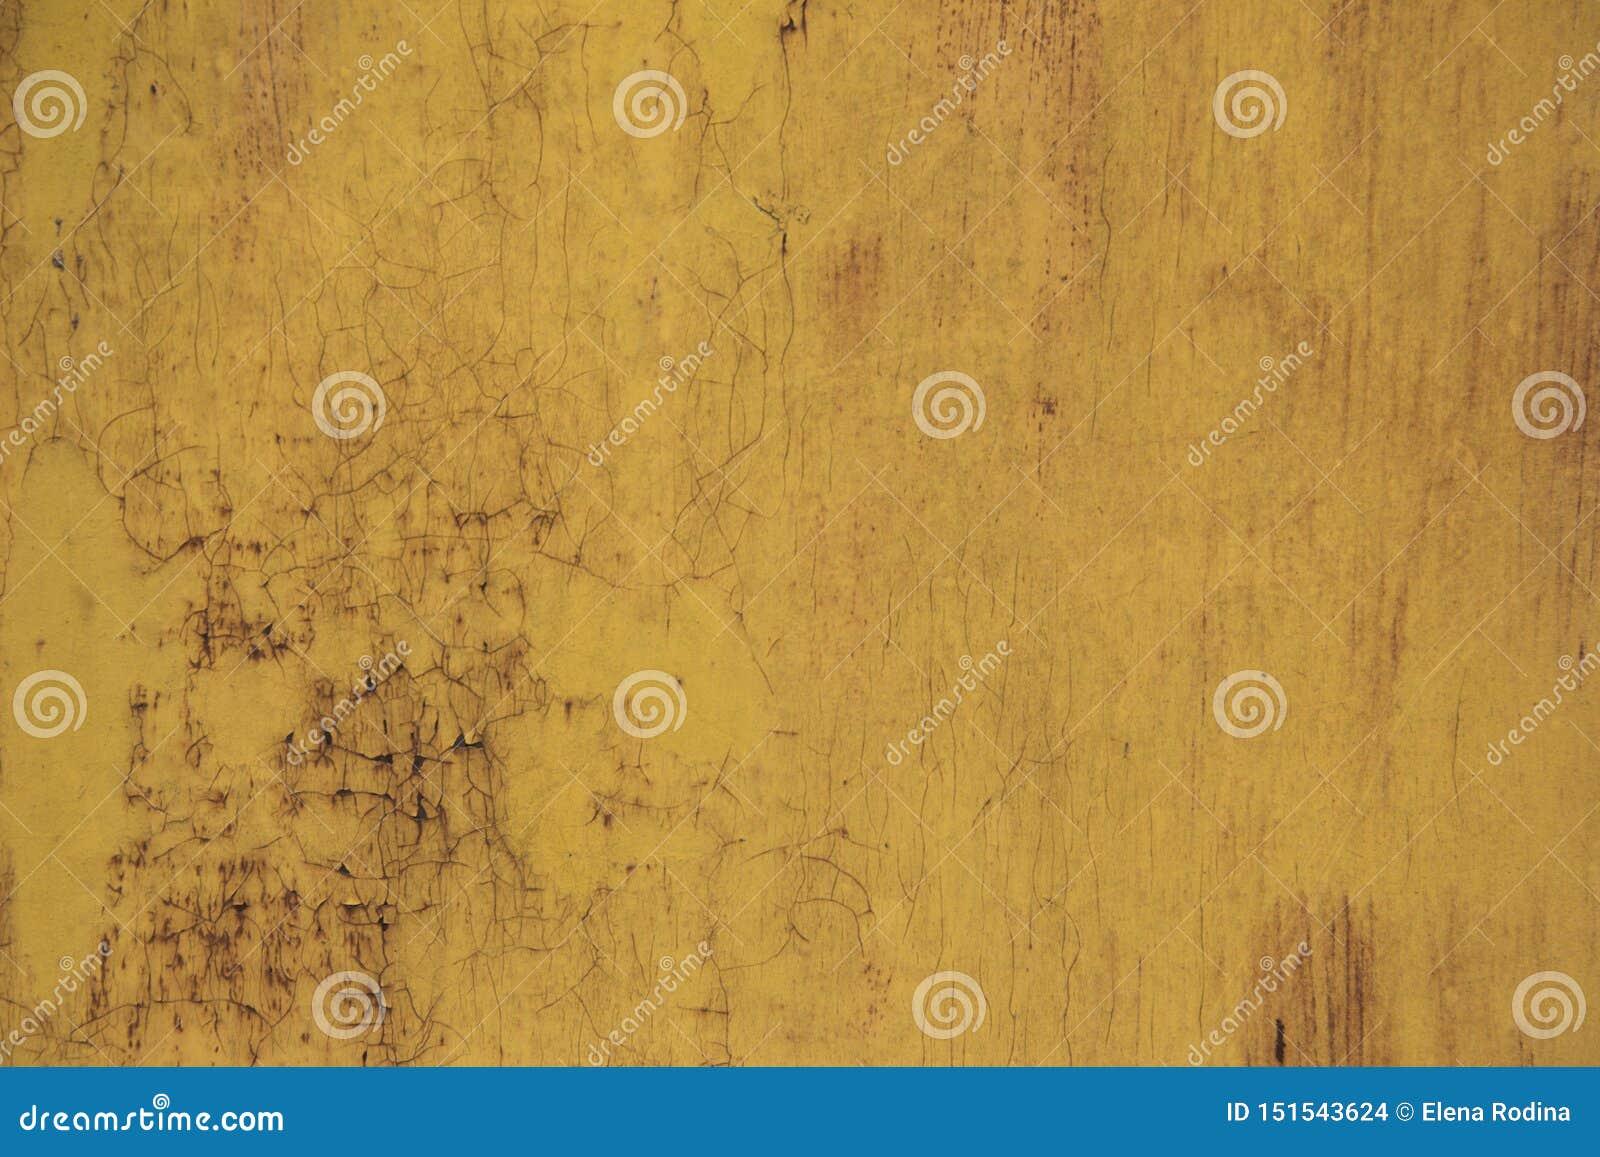 Roestig ijzer als achtergrond met resten van gekleurde verf Oranje Achtergrond